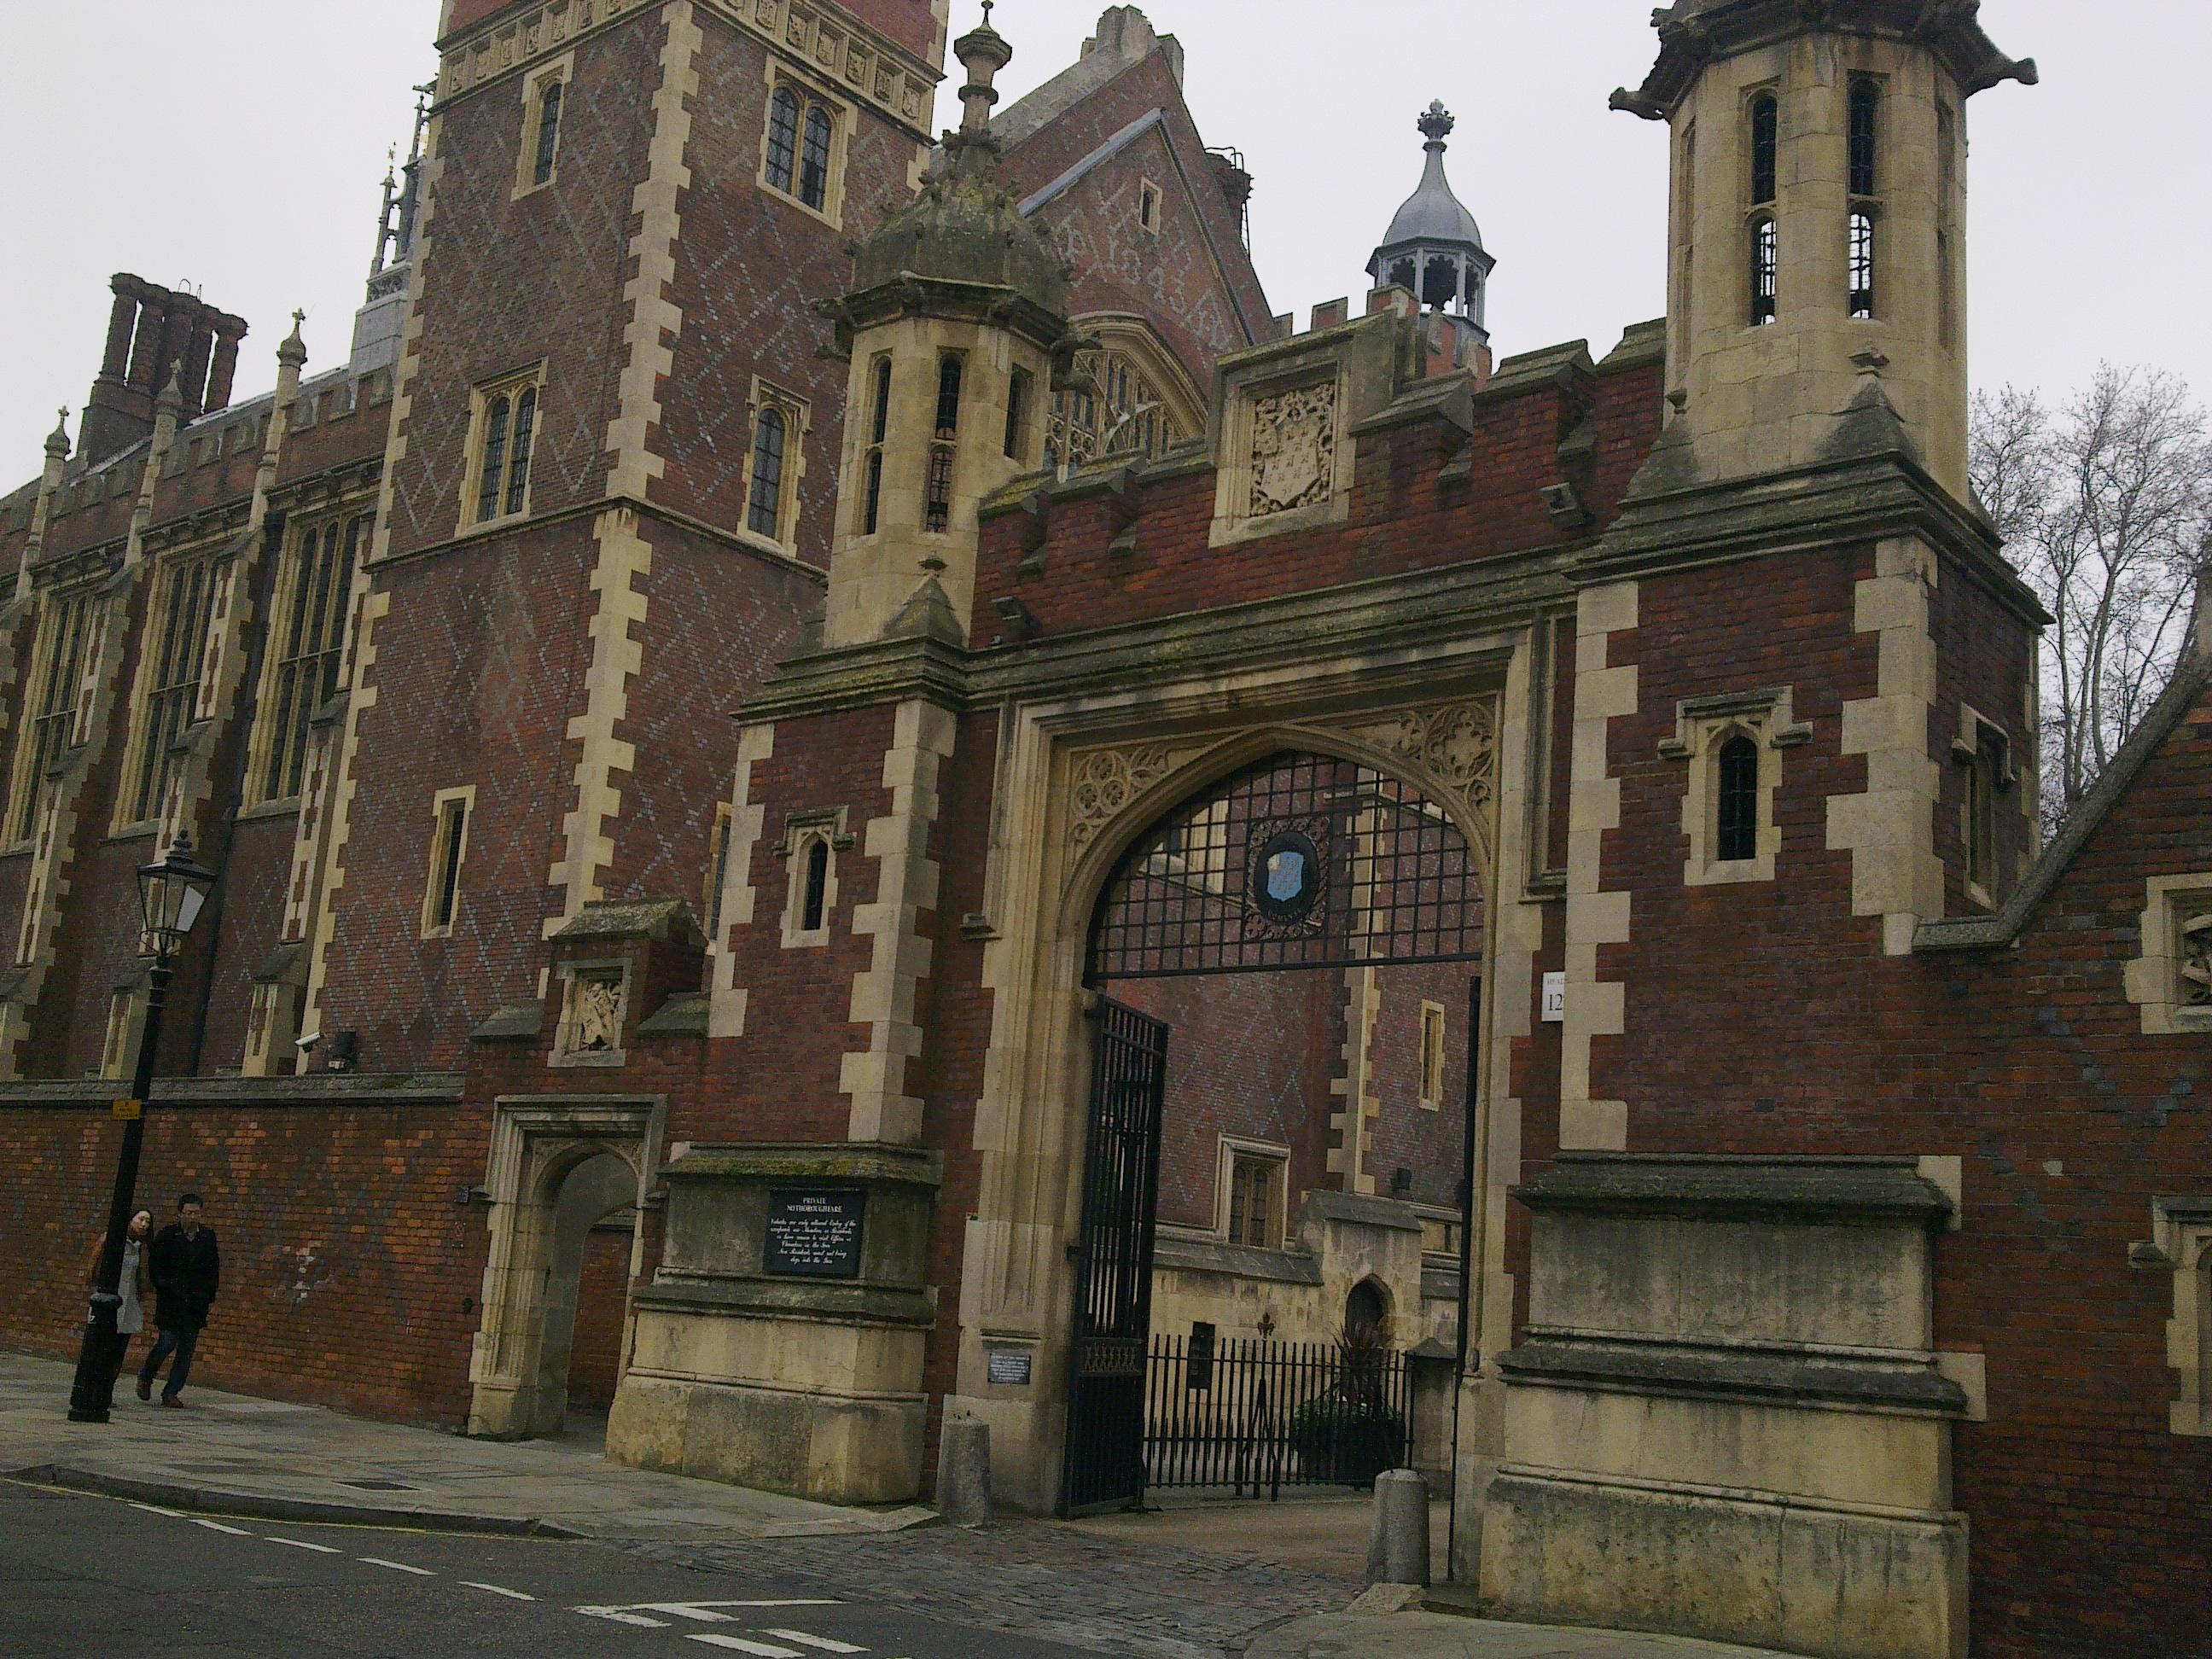 London School of Business & Finance находится в центре Лондона на Holborn, в окружении госучреждений, а также других известных университетов и школ - например, таких как London School of Economics, где учатся дети очень известных деятелей